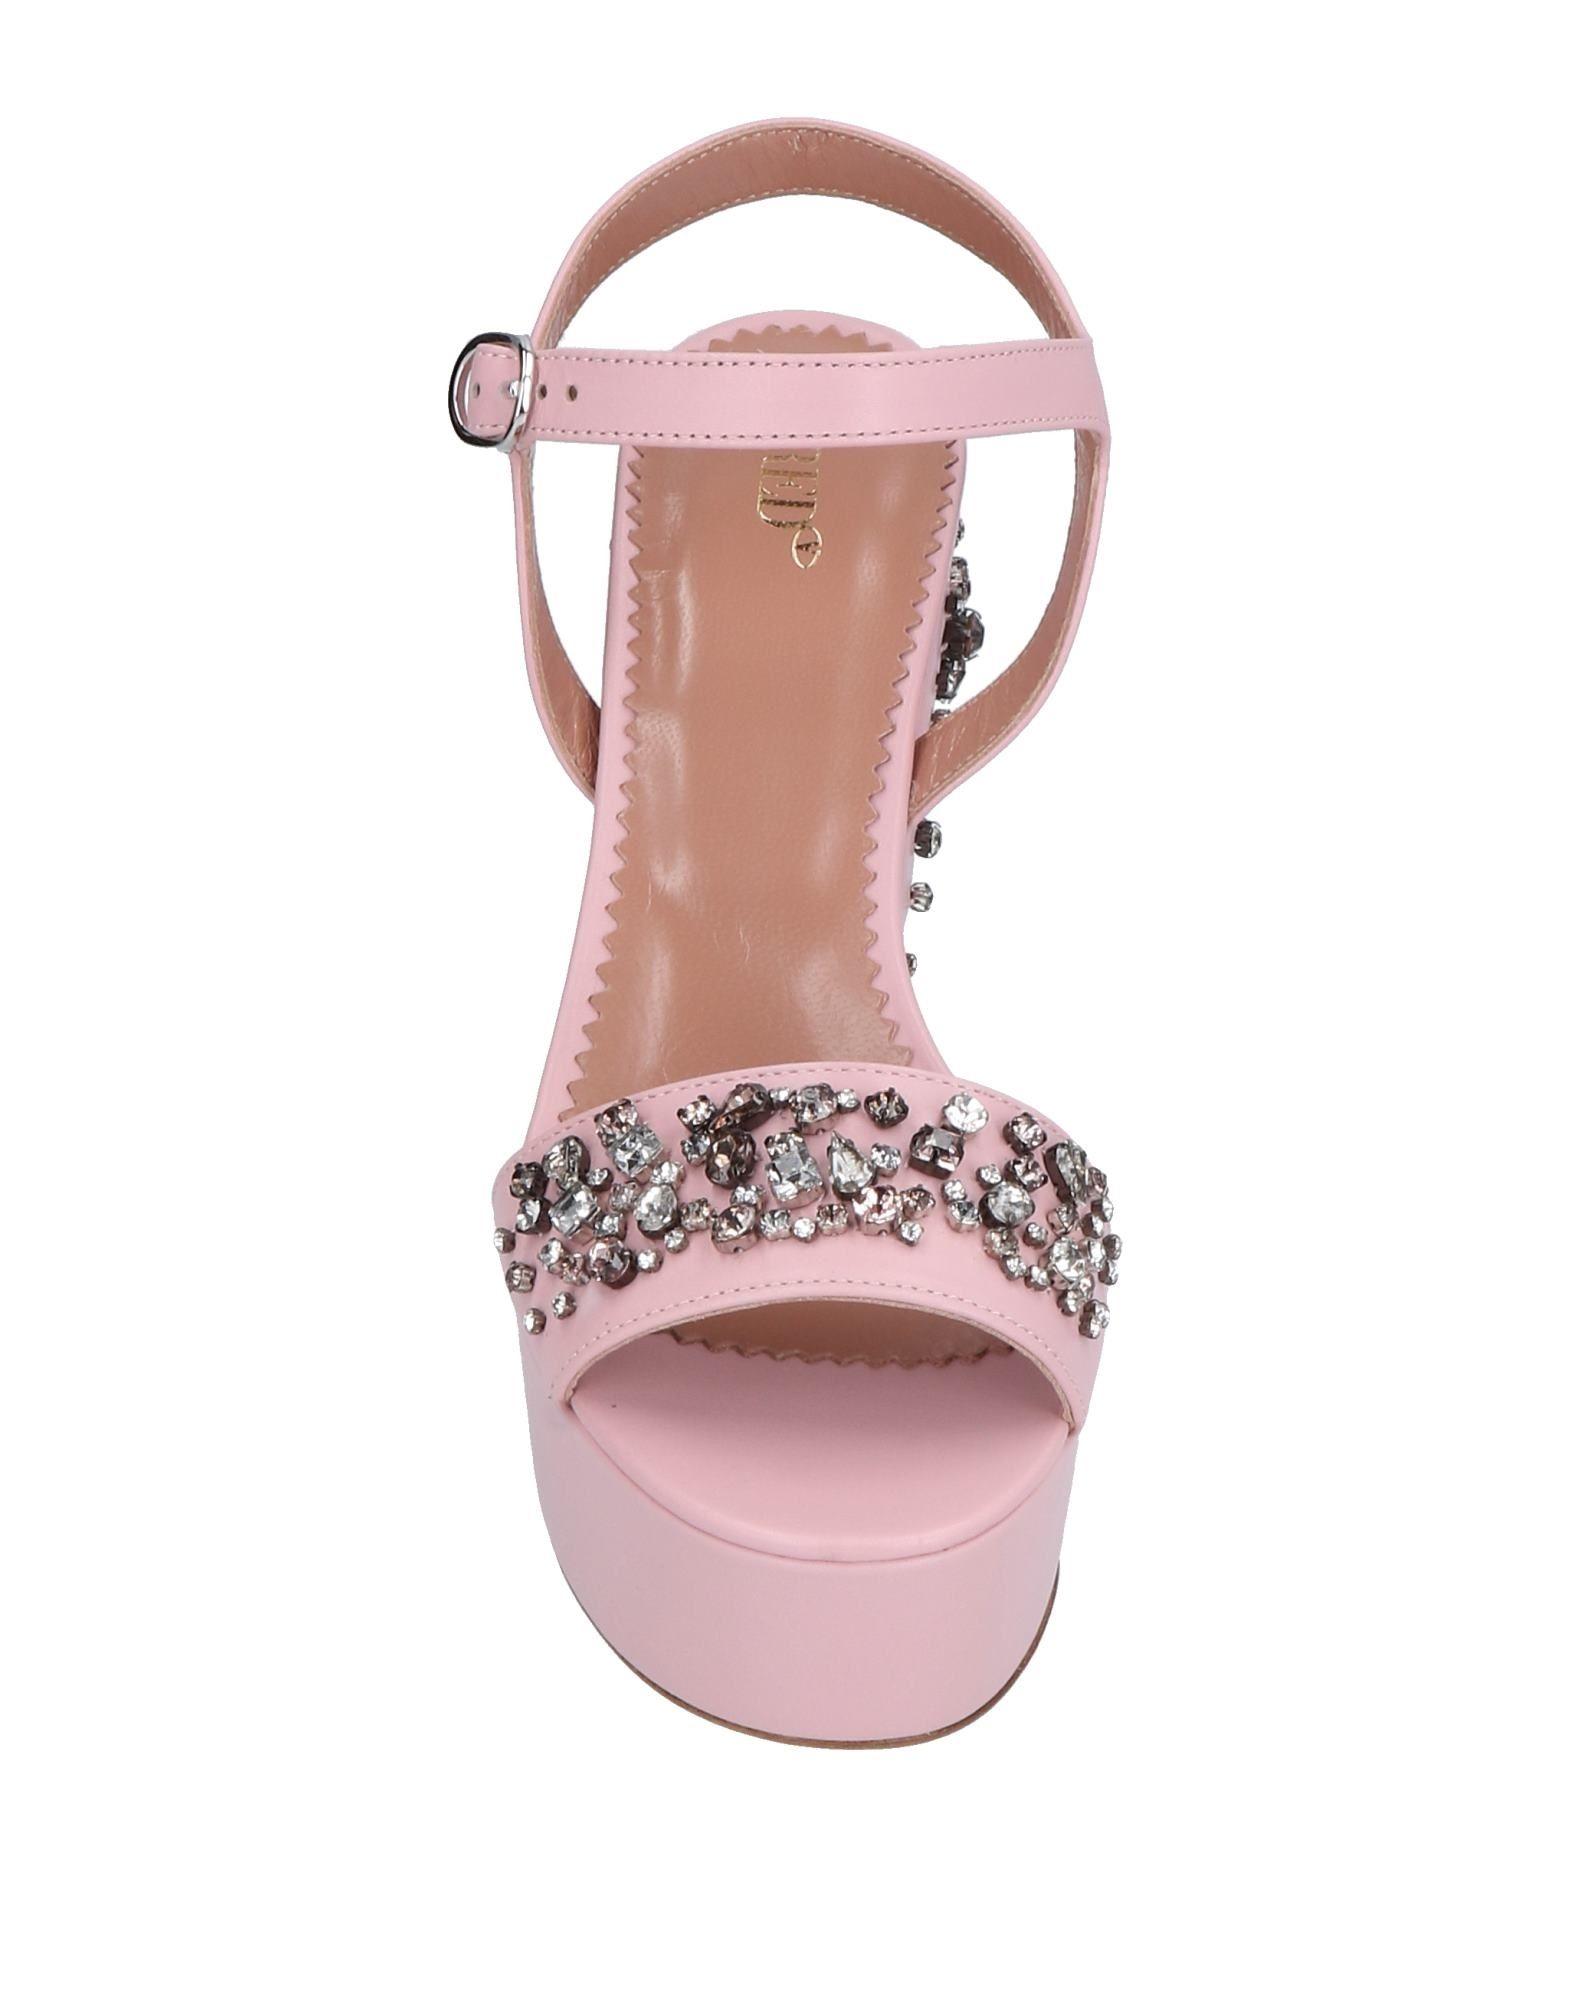 (v) (v) (v) les sandales - femmes rouge rouge (v) 11267466go sandales en ligne le royaume - uni - 201e90